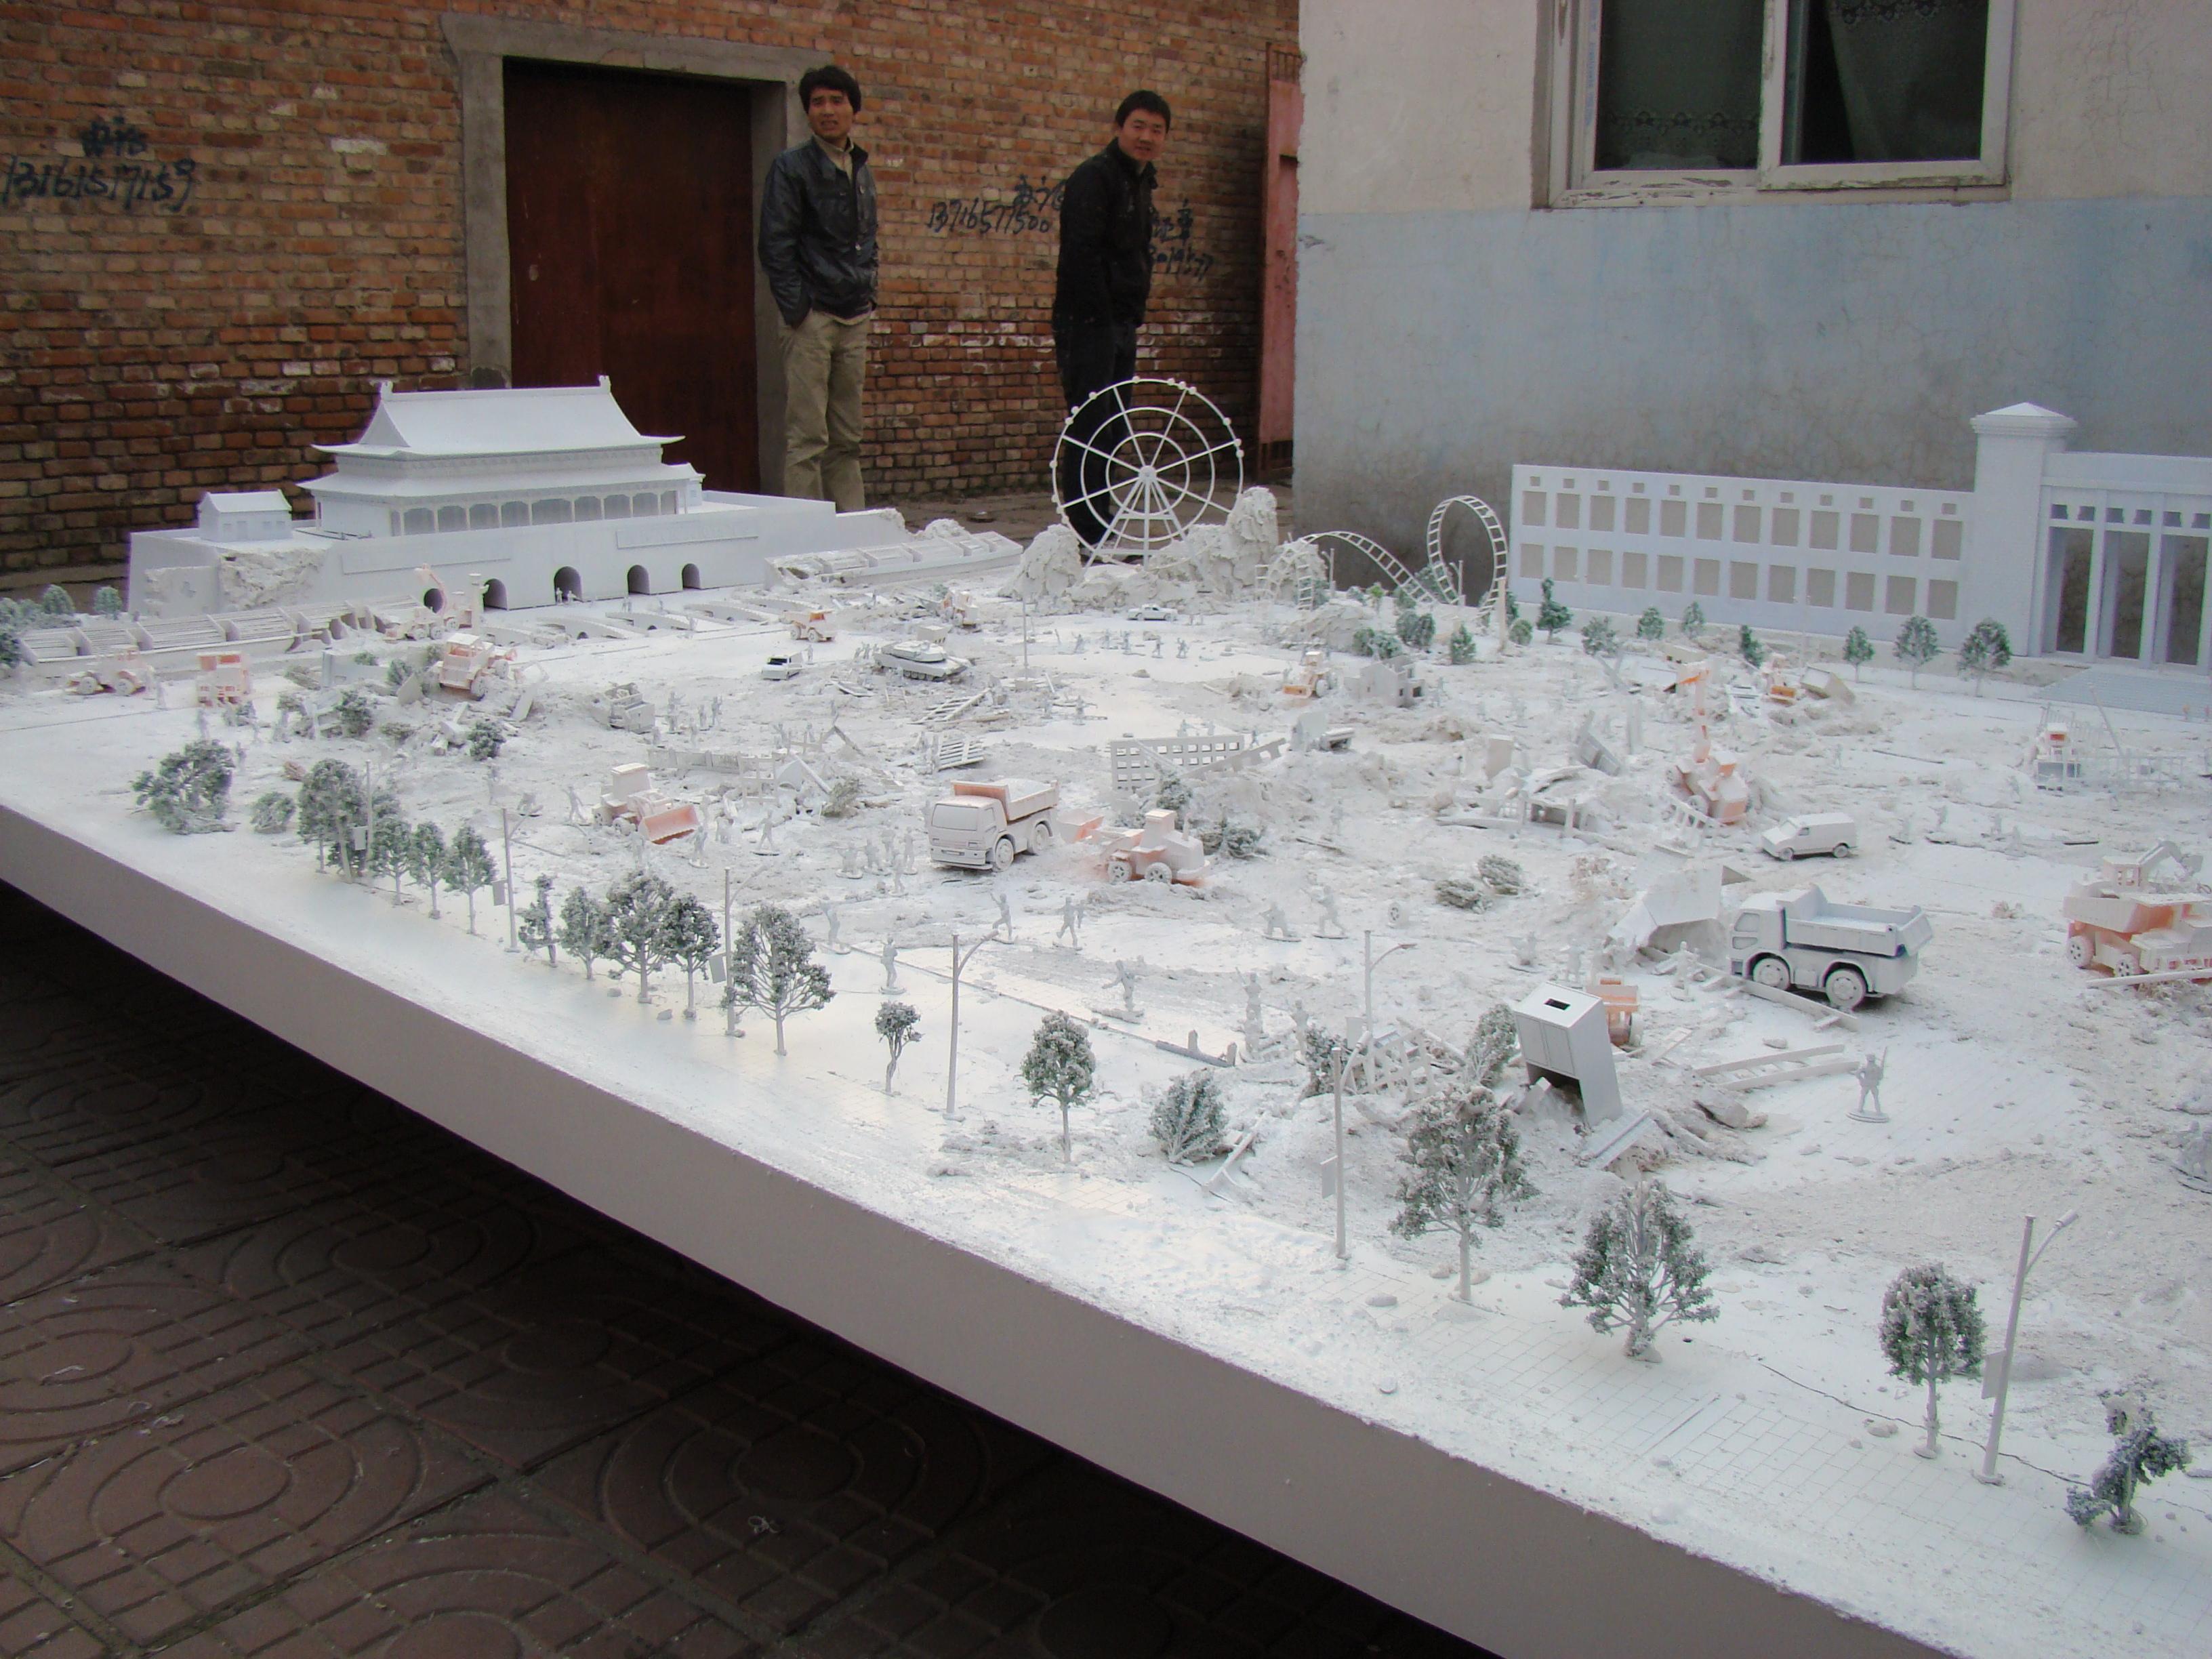 Diorama of Tiananmen